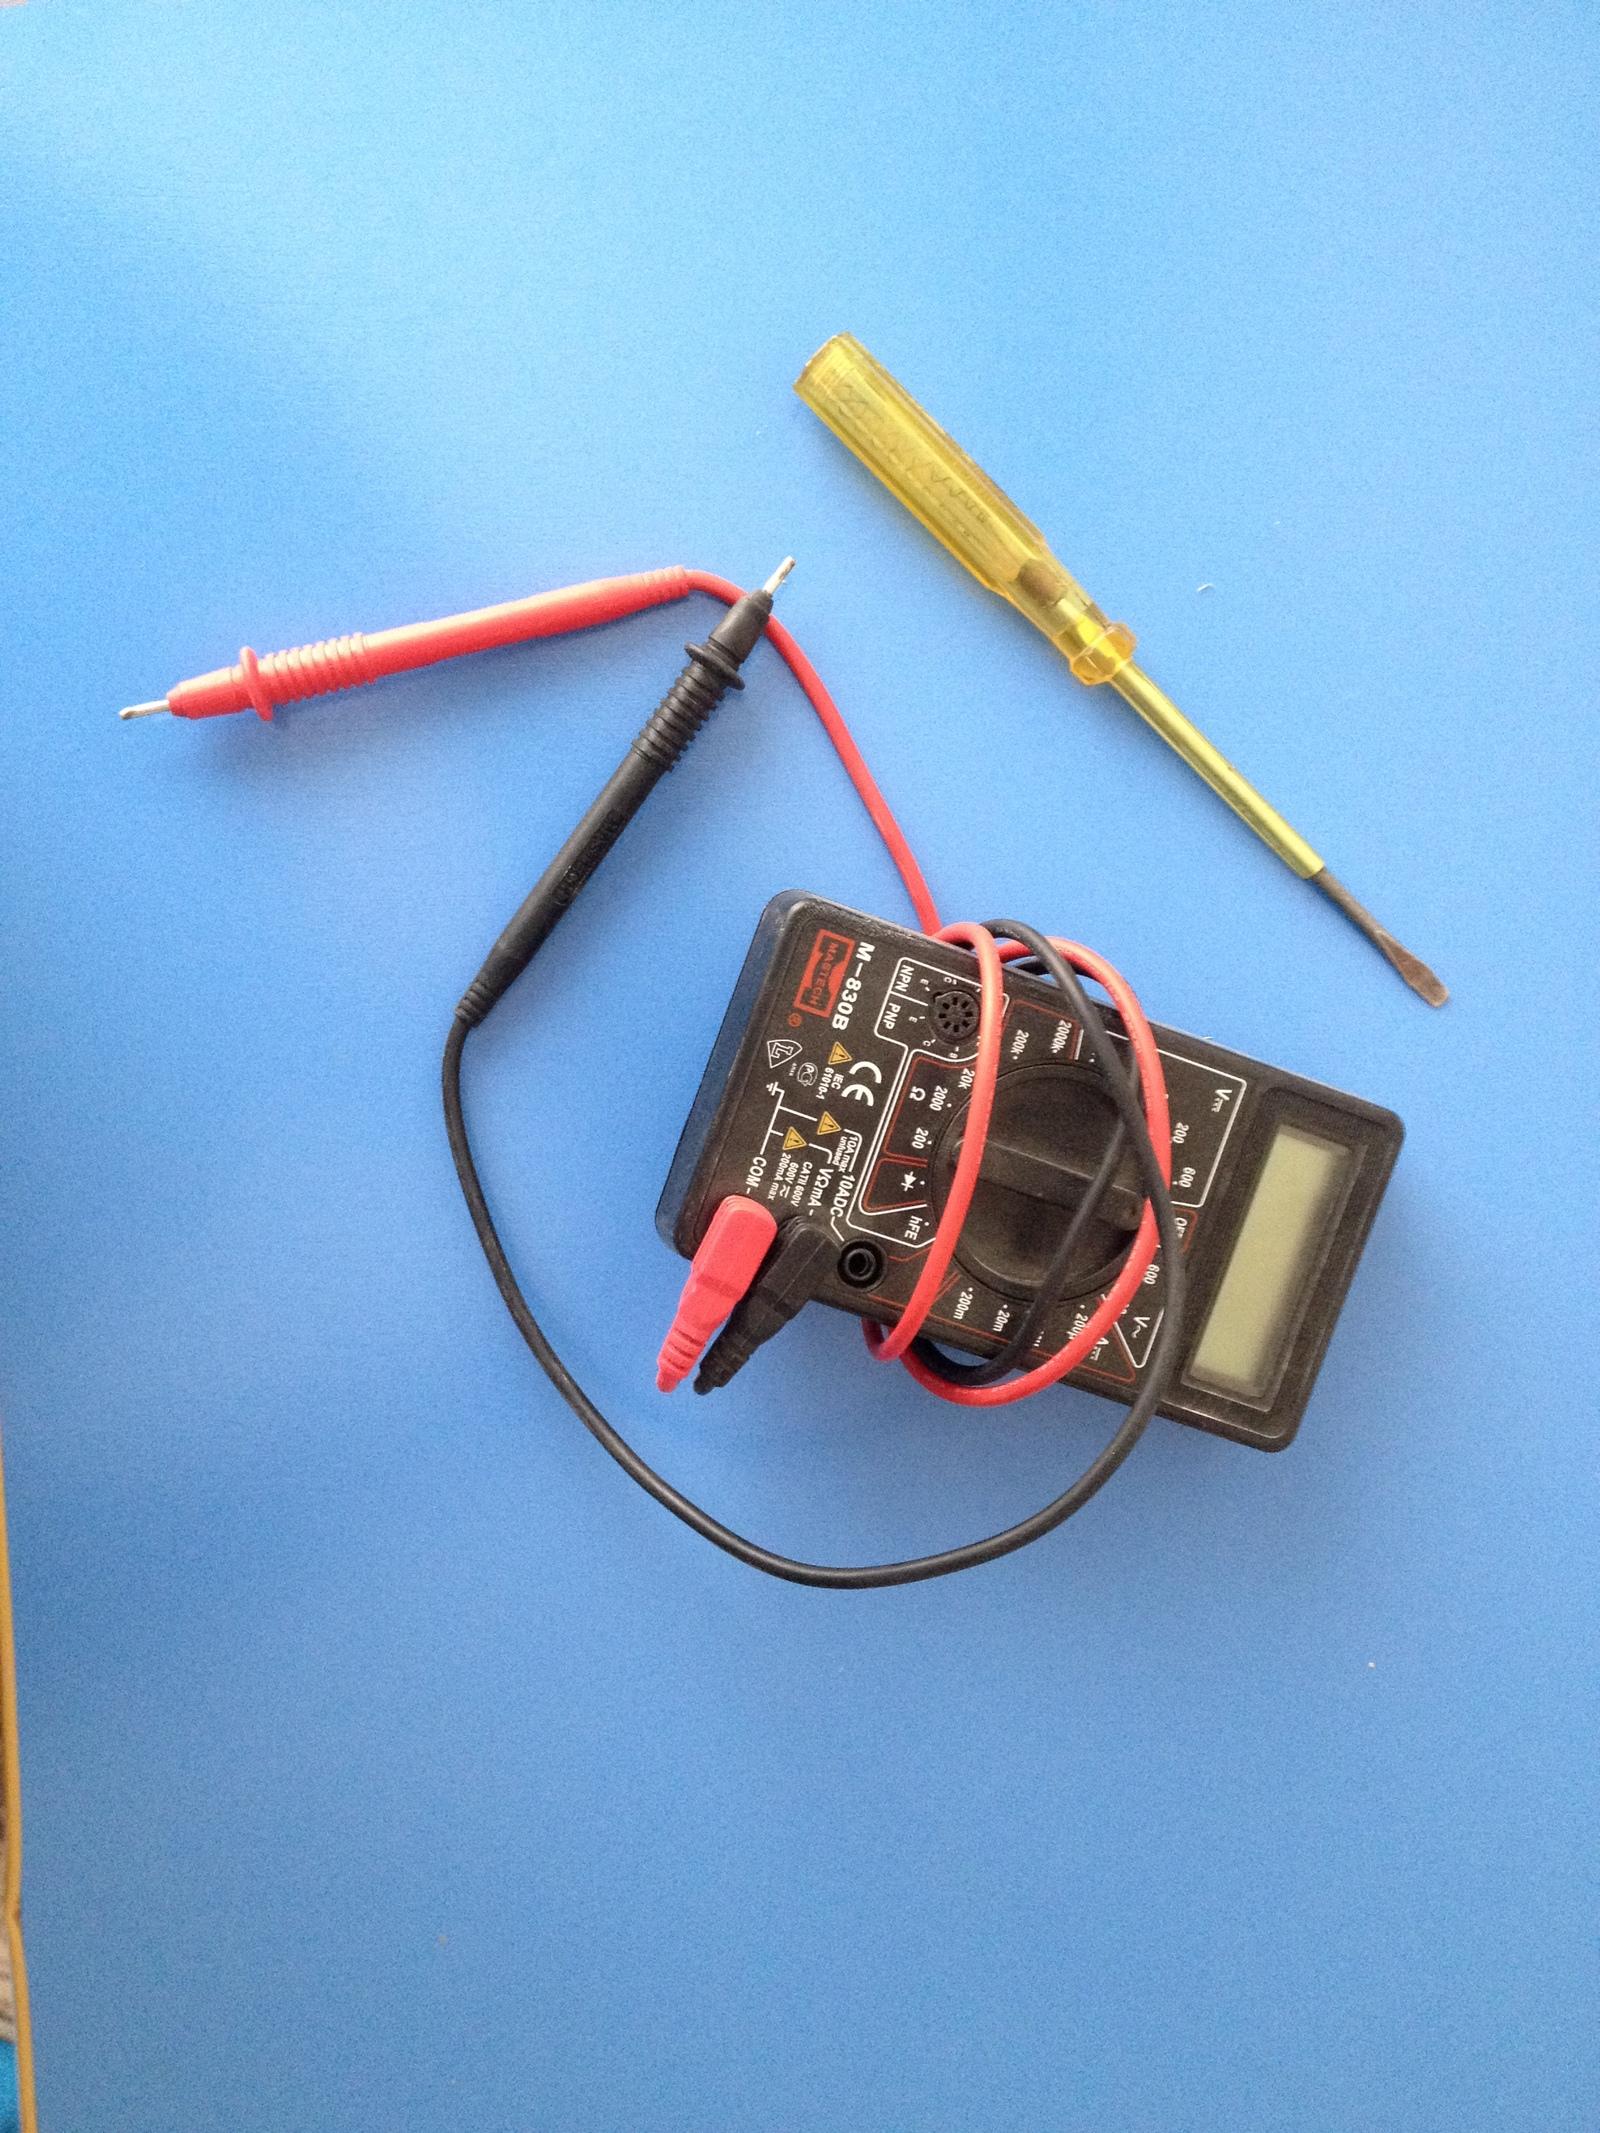 Электромонтажный инструмент Электромонтажный инструмент Инструмент электрика электромонтаж электрика электричество работа моё длиннопост